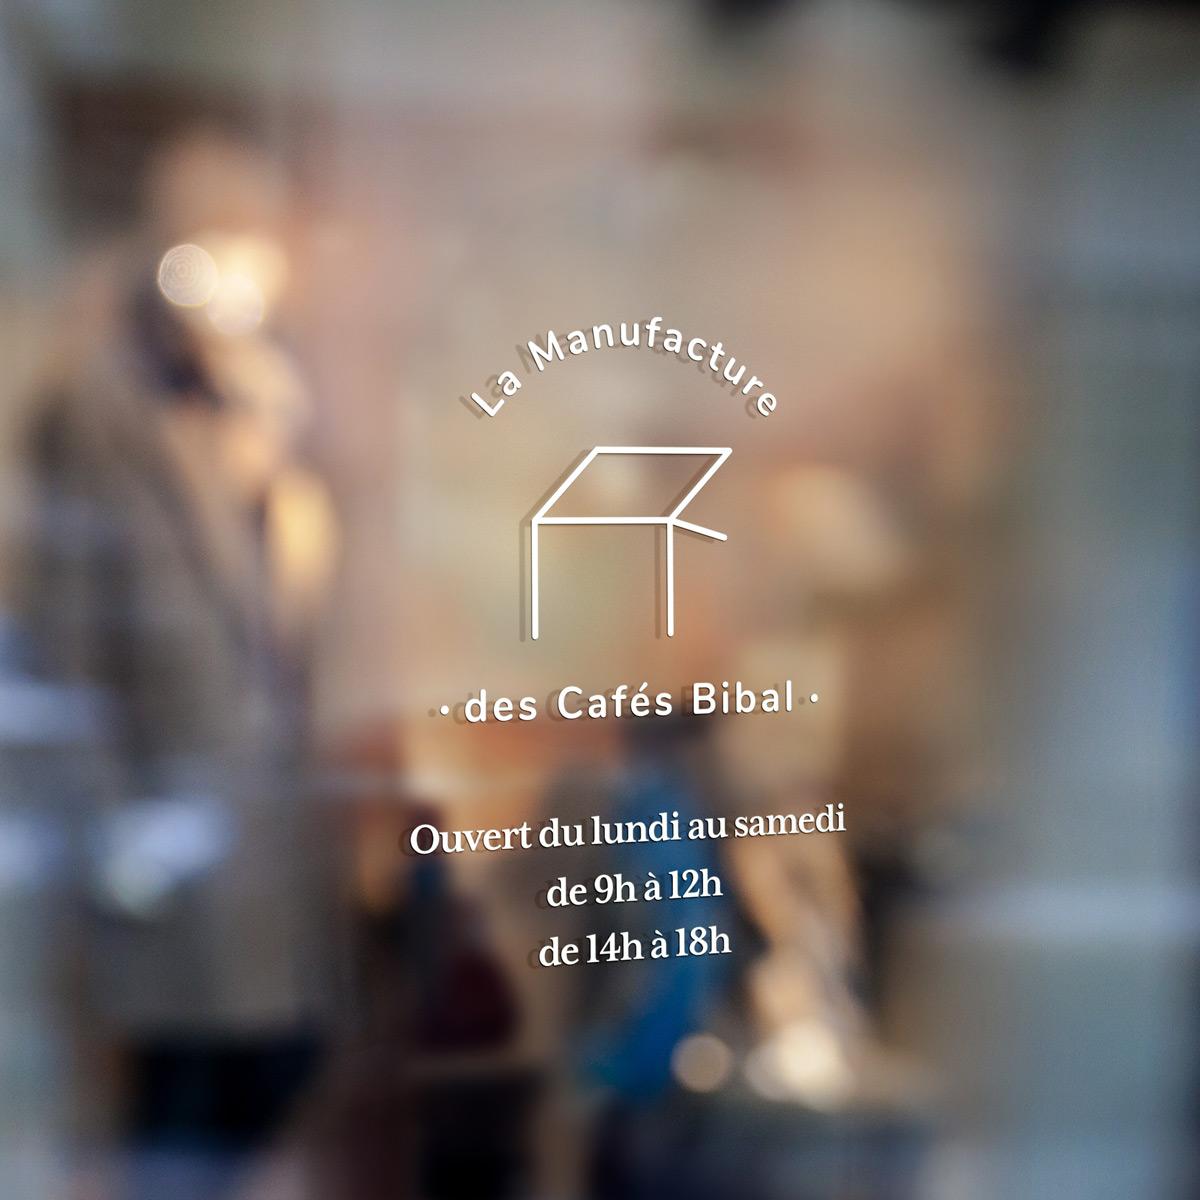 https://isse-ari-design.fr/wp-content/uploads/2020/08/signaletique-cafes-bibal.jpg